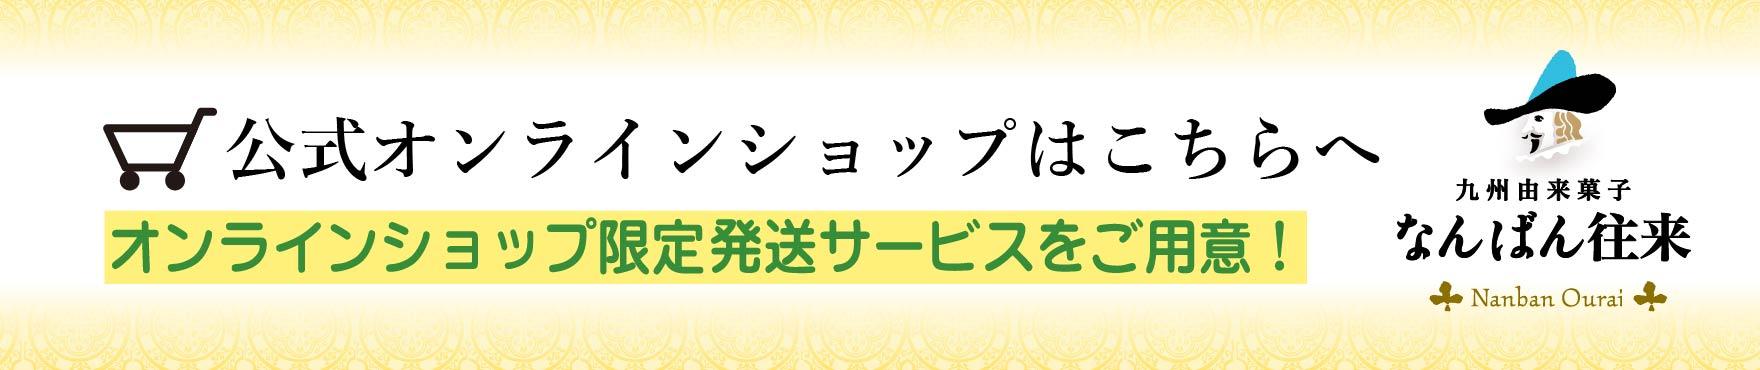 なんばん往来糸島ミルク・甘夏